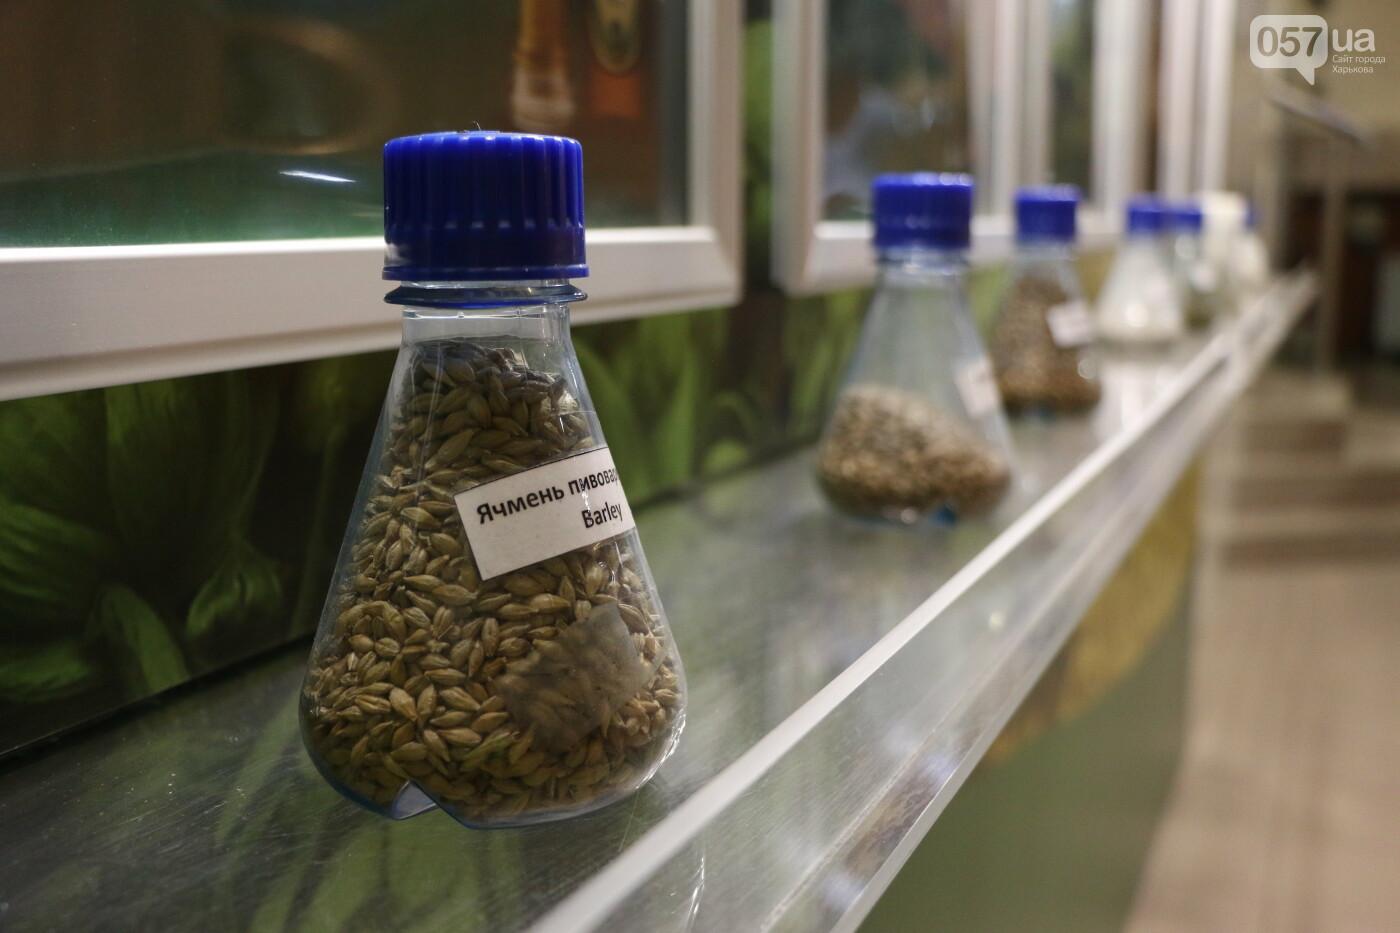 От выращивания ячменя до розлива в бутылки: как в Харькове варят пиво и что в него добавляют, - ФОТО, фото-4